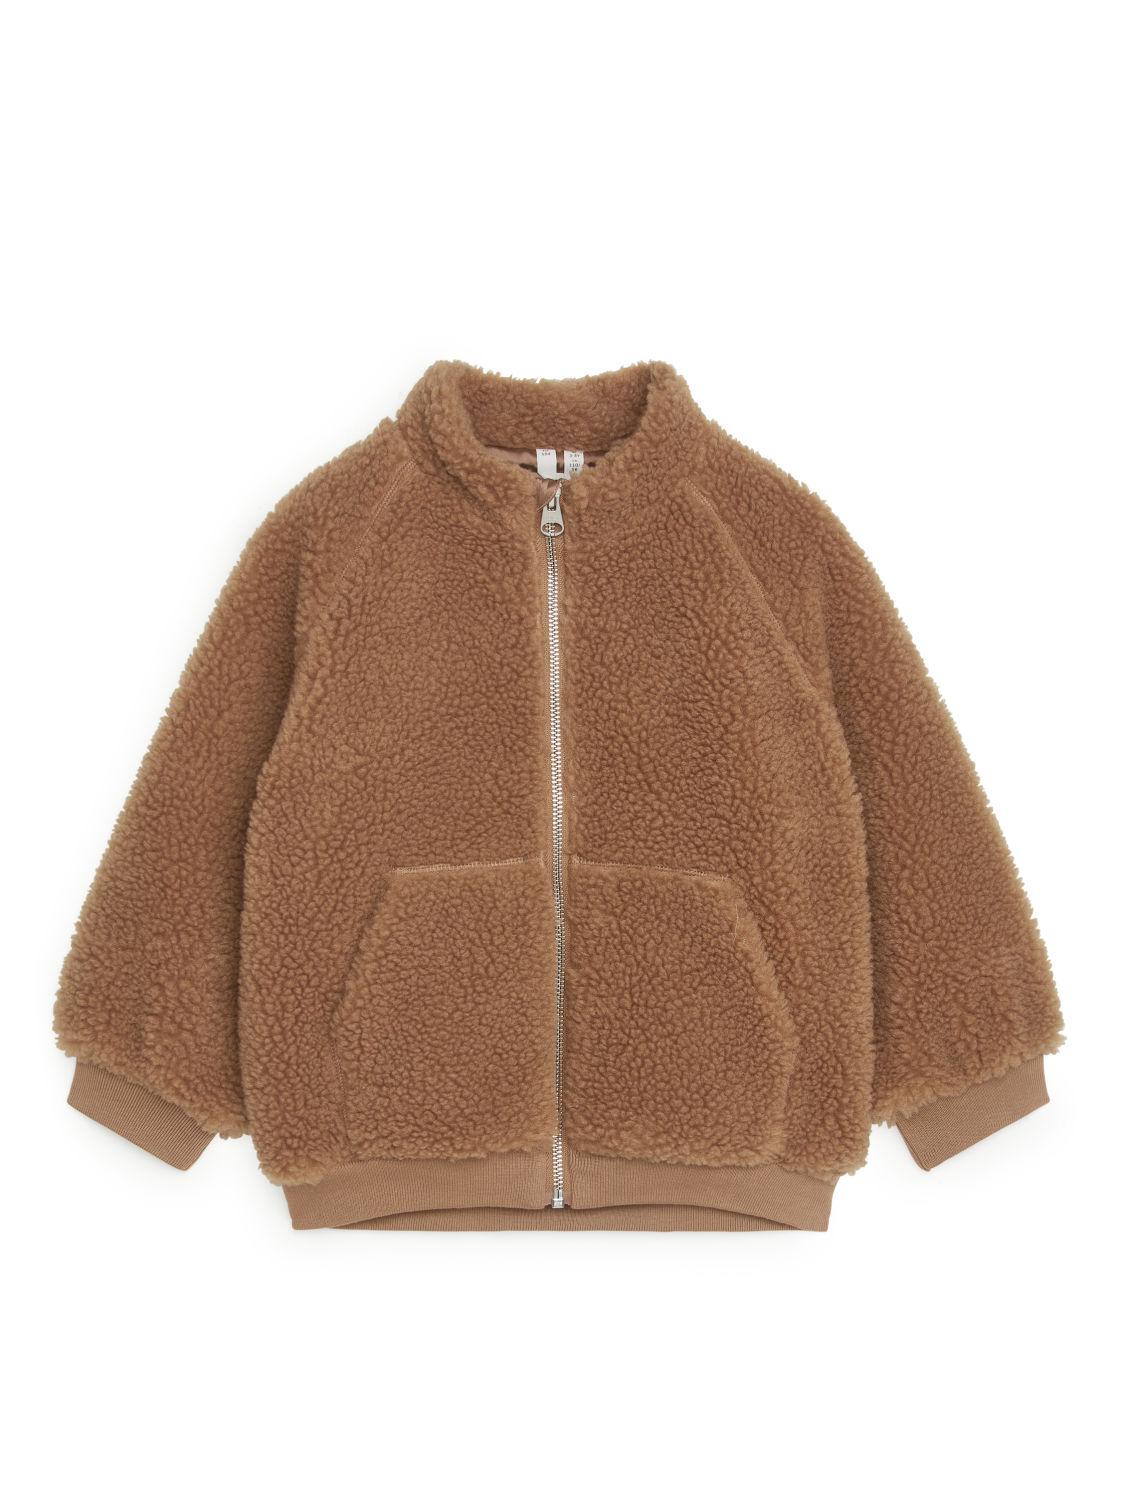 Brown pile jacket